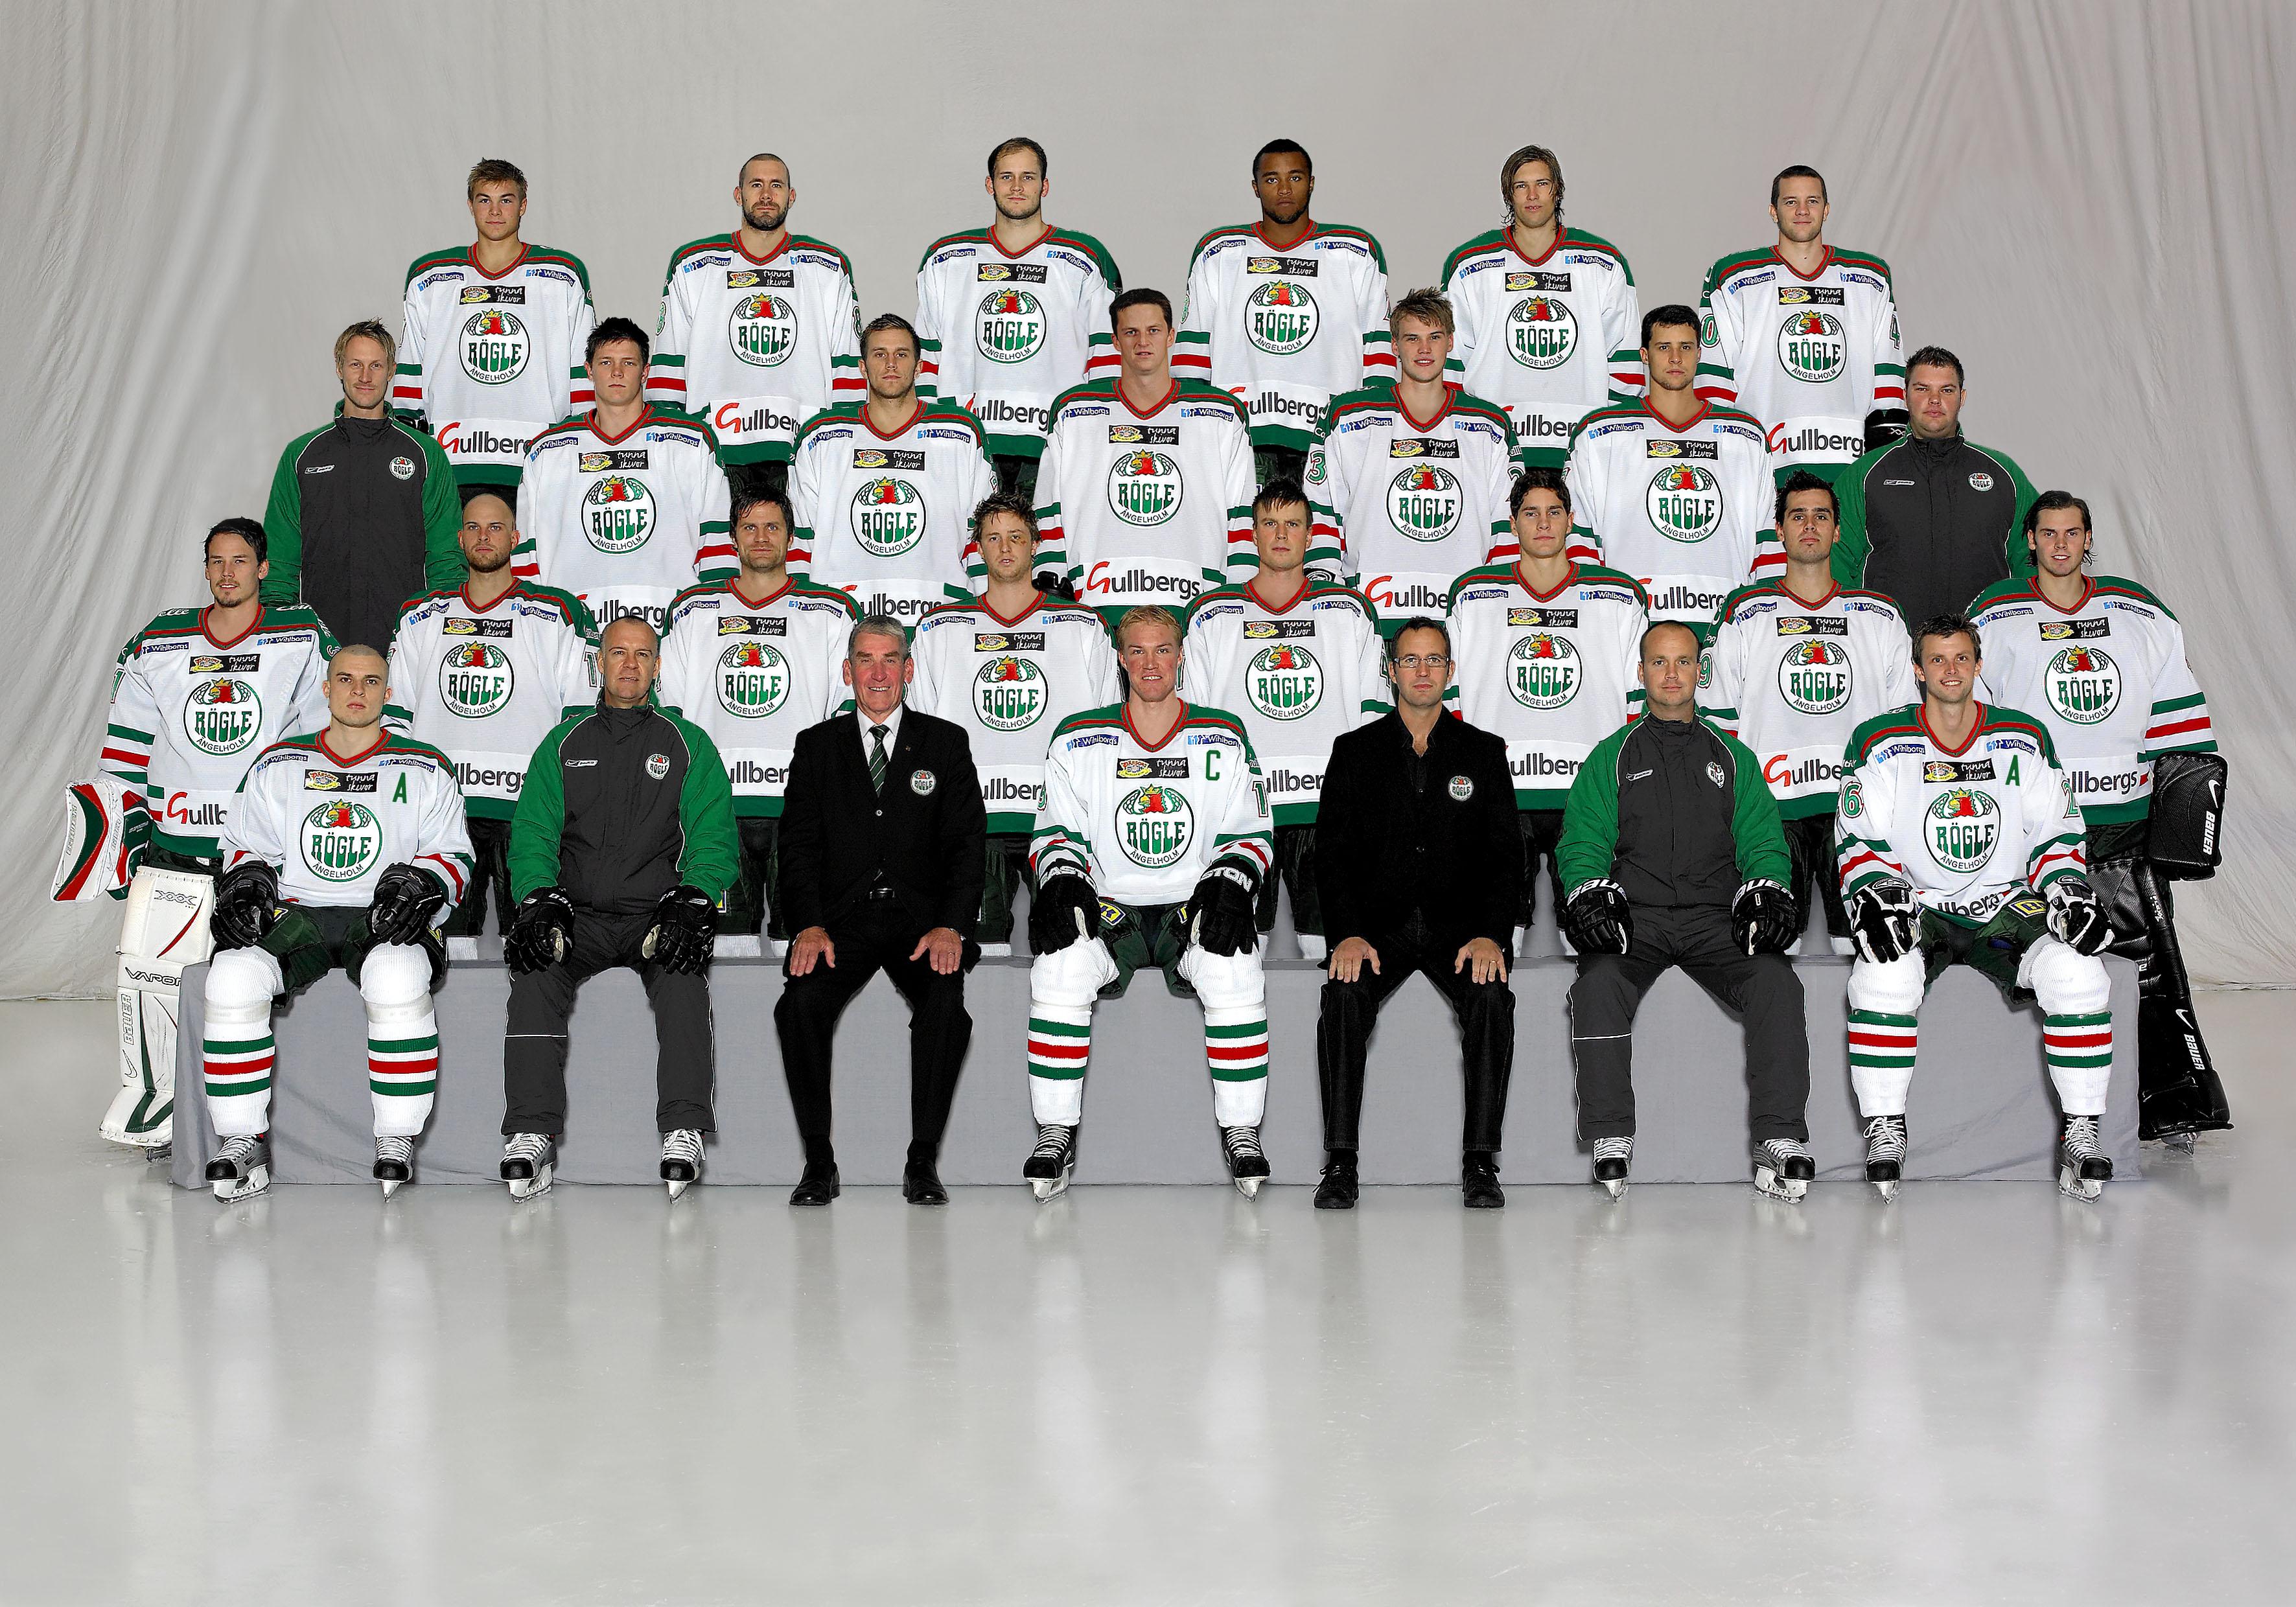 2006-07 HockeyAllsvenskan season